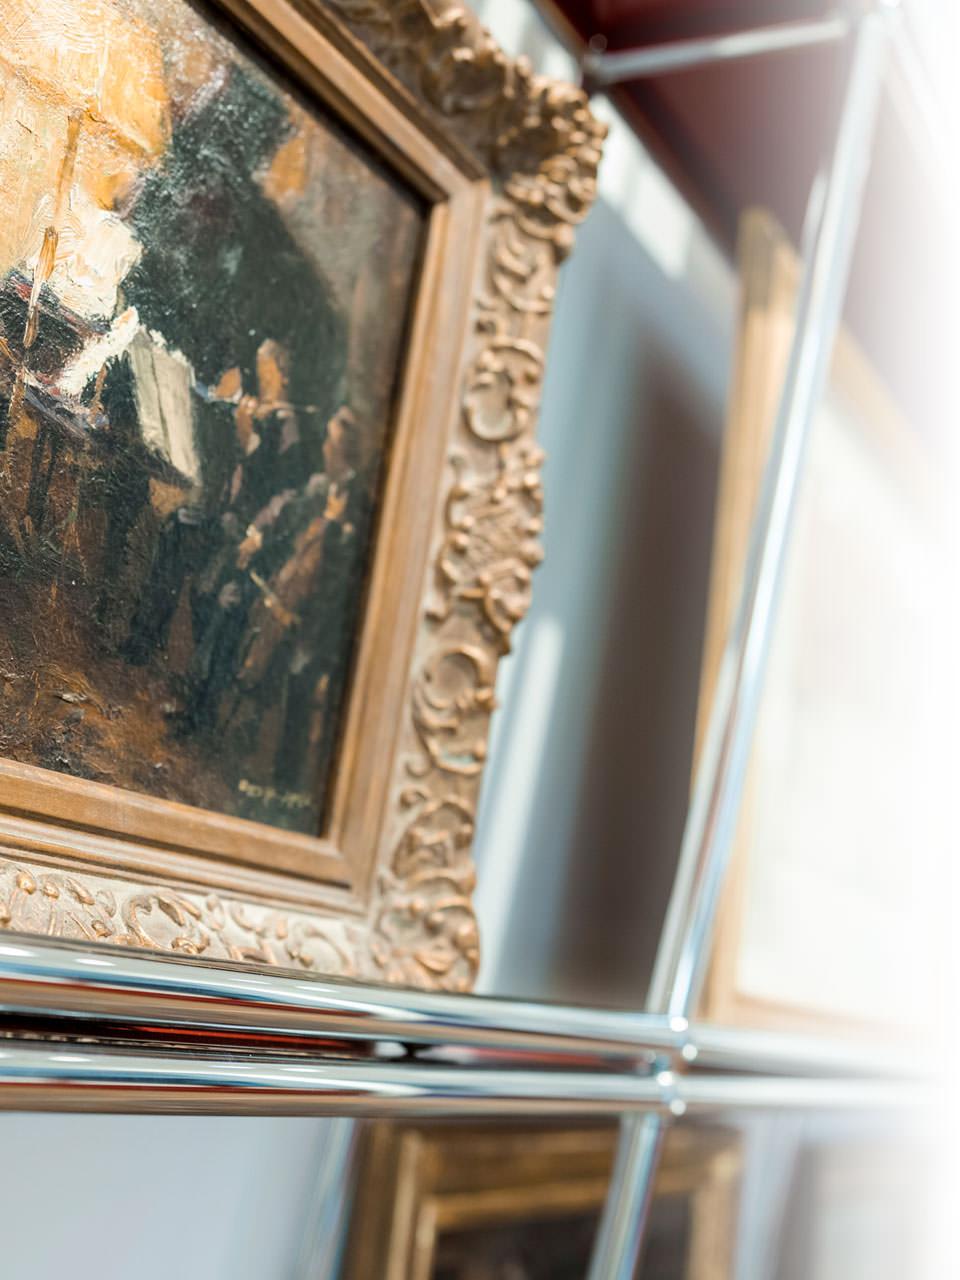 Kunsthandel Alexander Stradmann - Gemälde verkaufen, aber richtig!